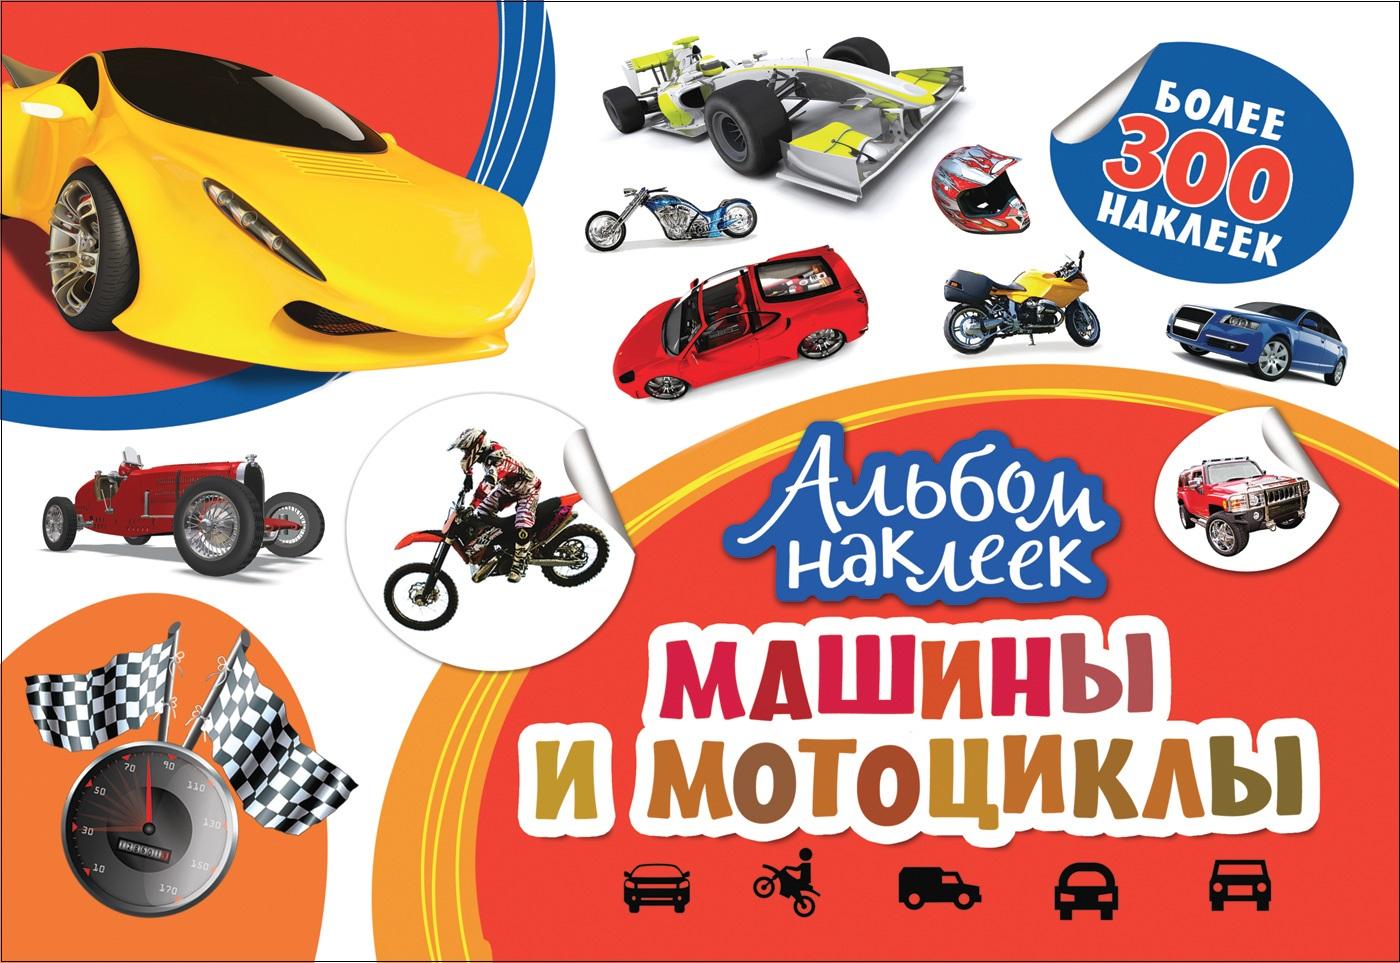 Котятова Н. И. Альбом наклеек. Машины и мотоциклы тоня виатровски сделай свою книгу